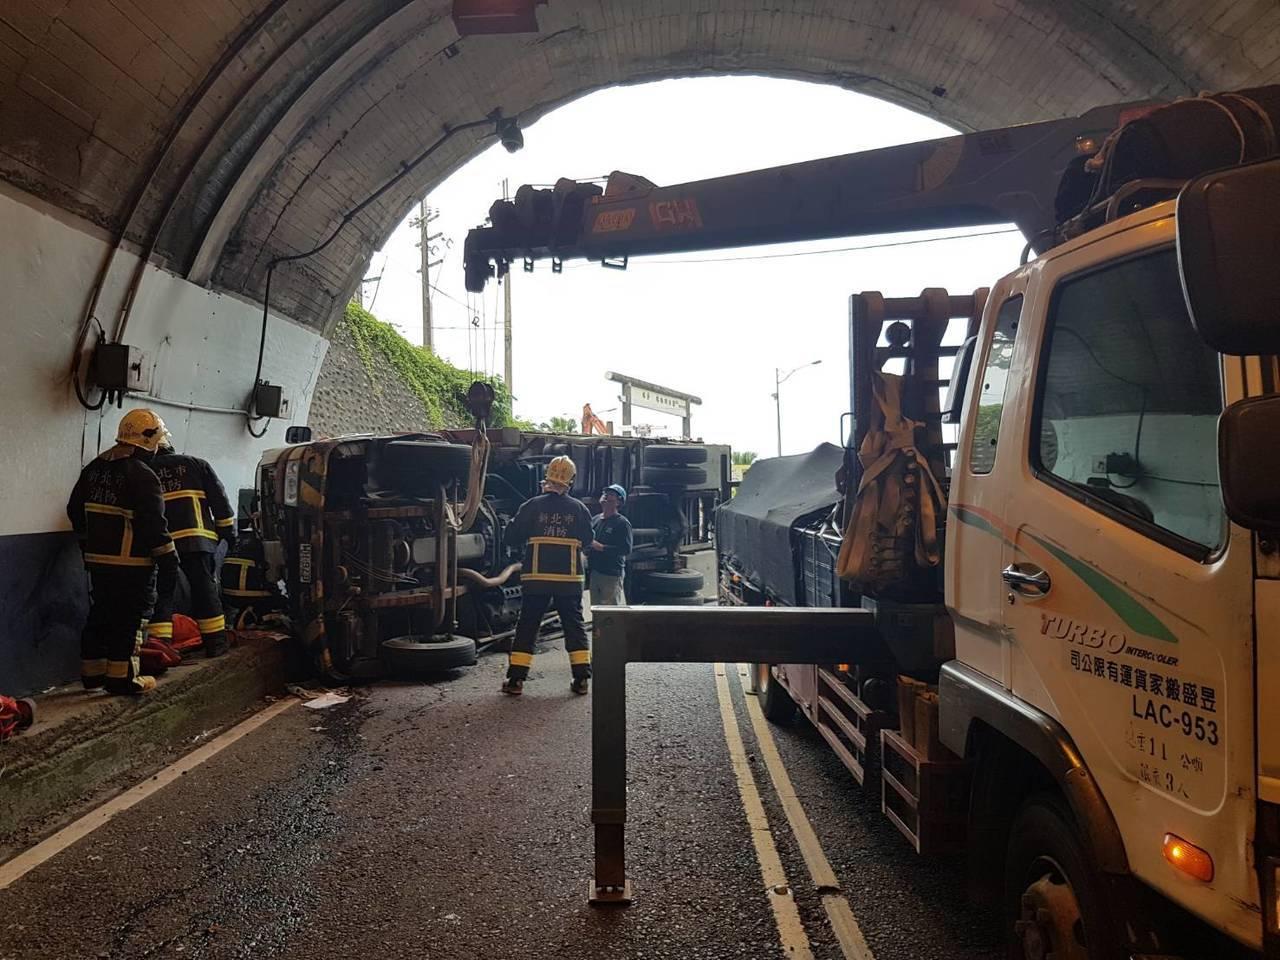 台電外包廠商工程車今天下午在台2線瑞芳海濱隧道口翻車,兩人受傷,交通受阻。記者邱...